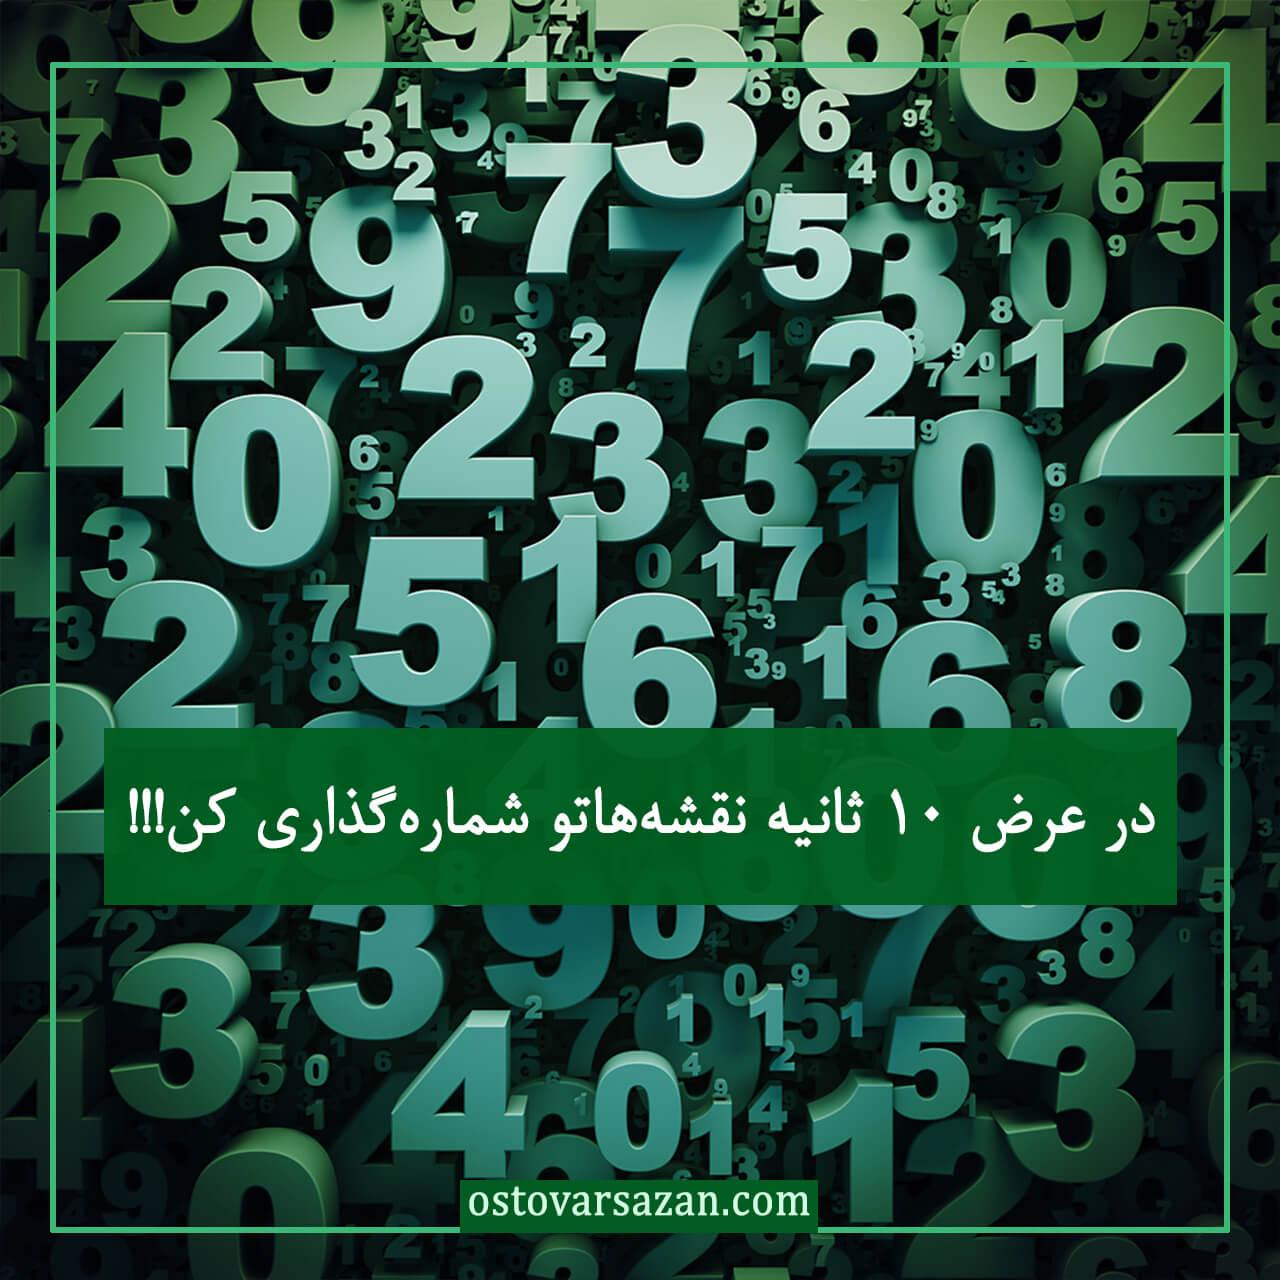 چگونه در فضاهای مختلف شماره گذاری کنیم